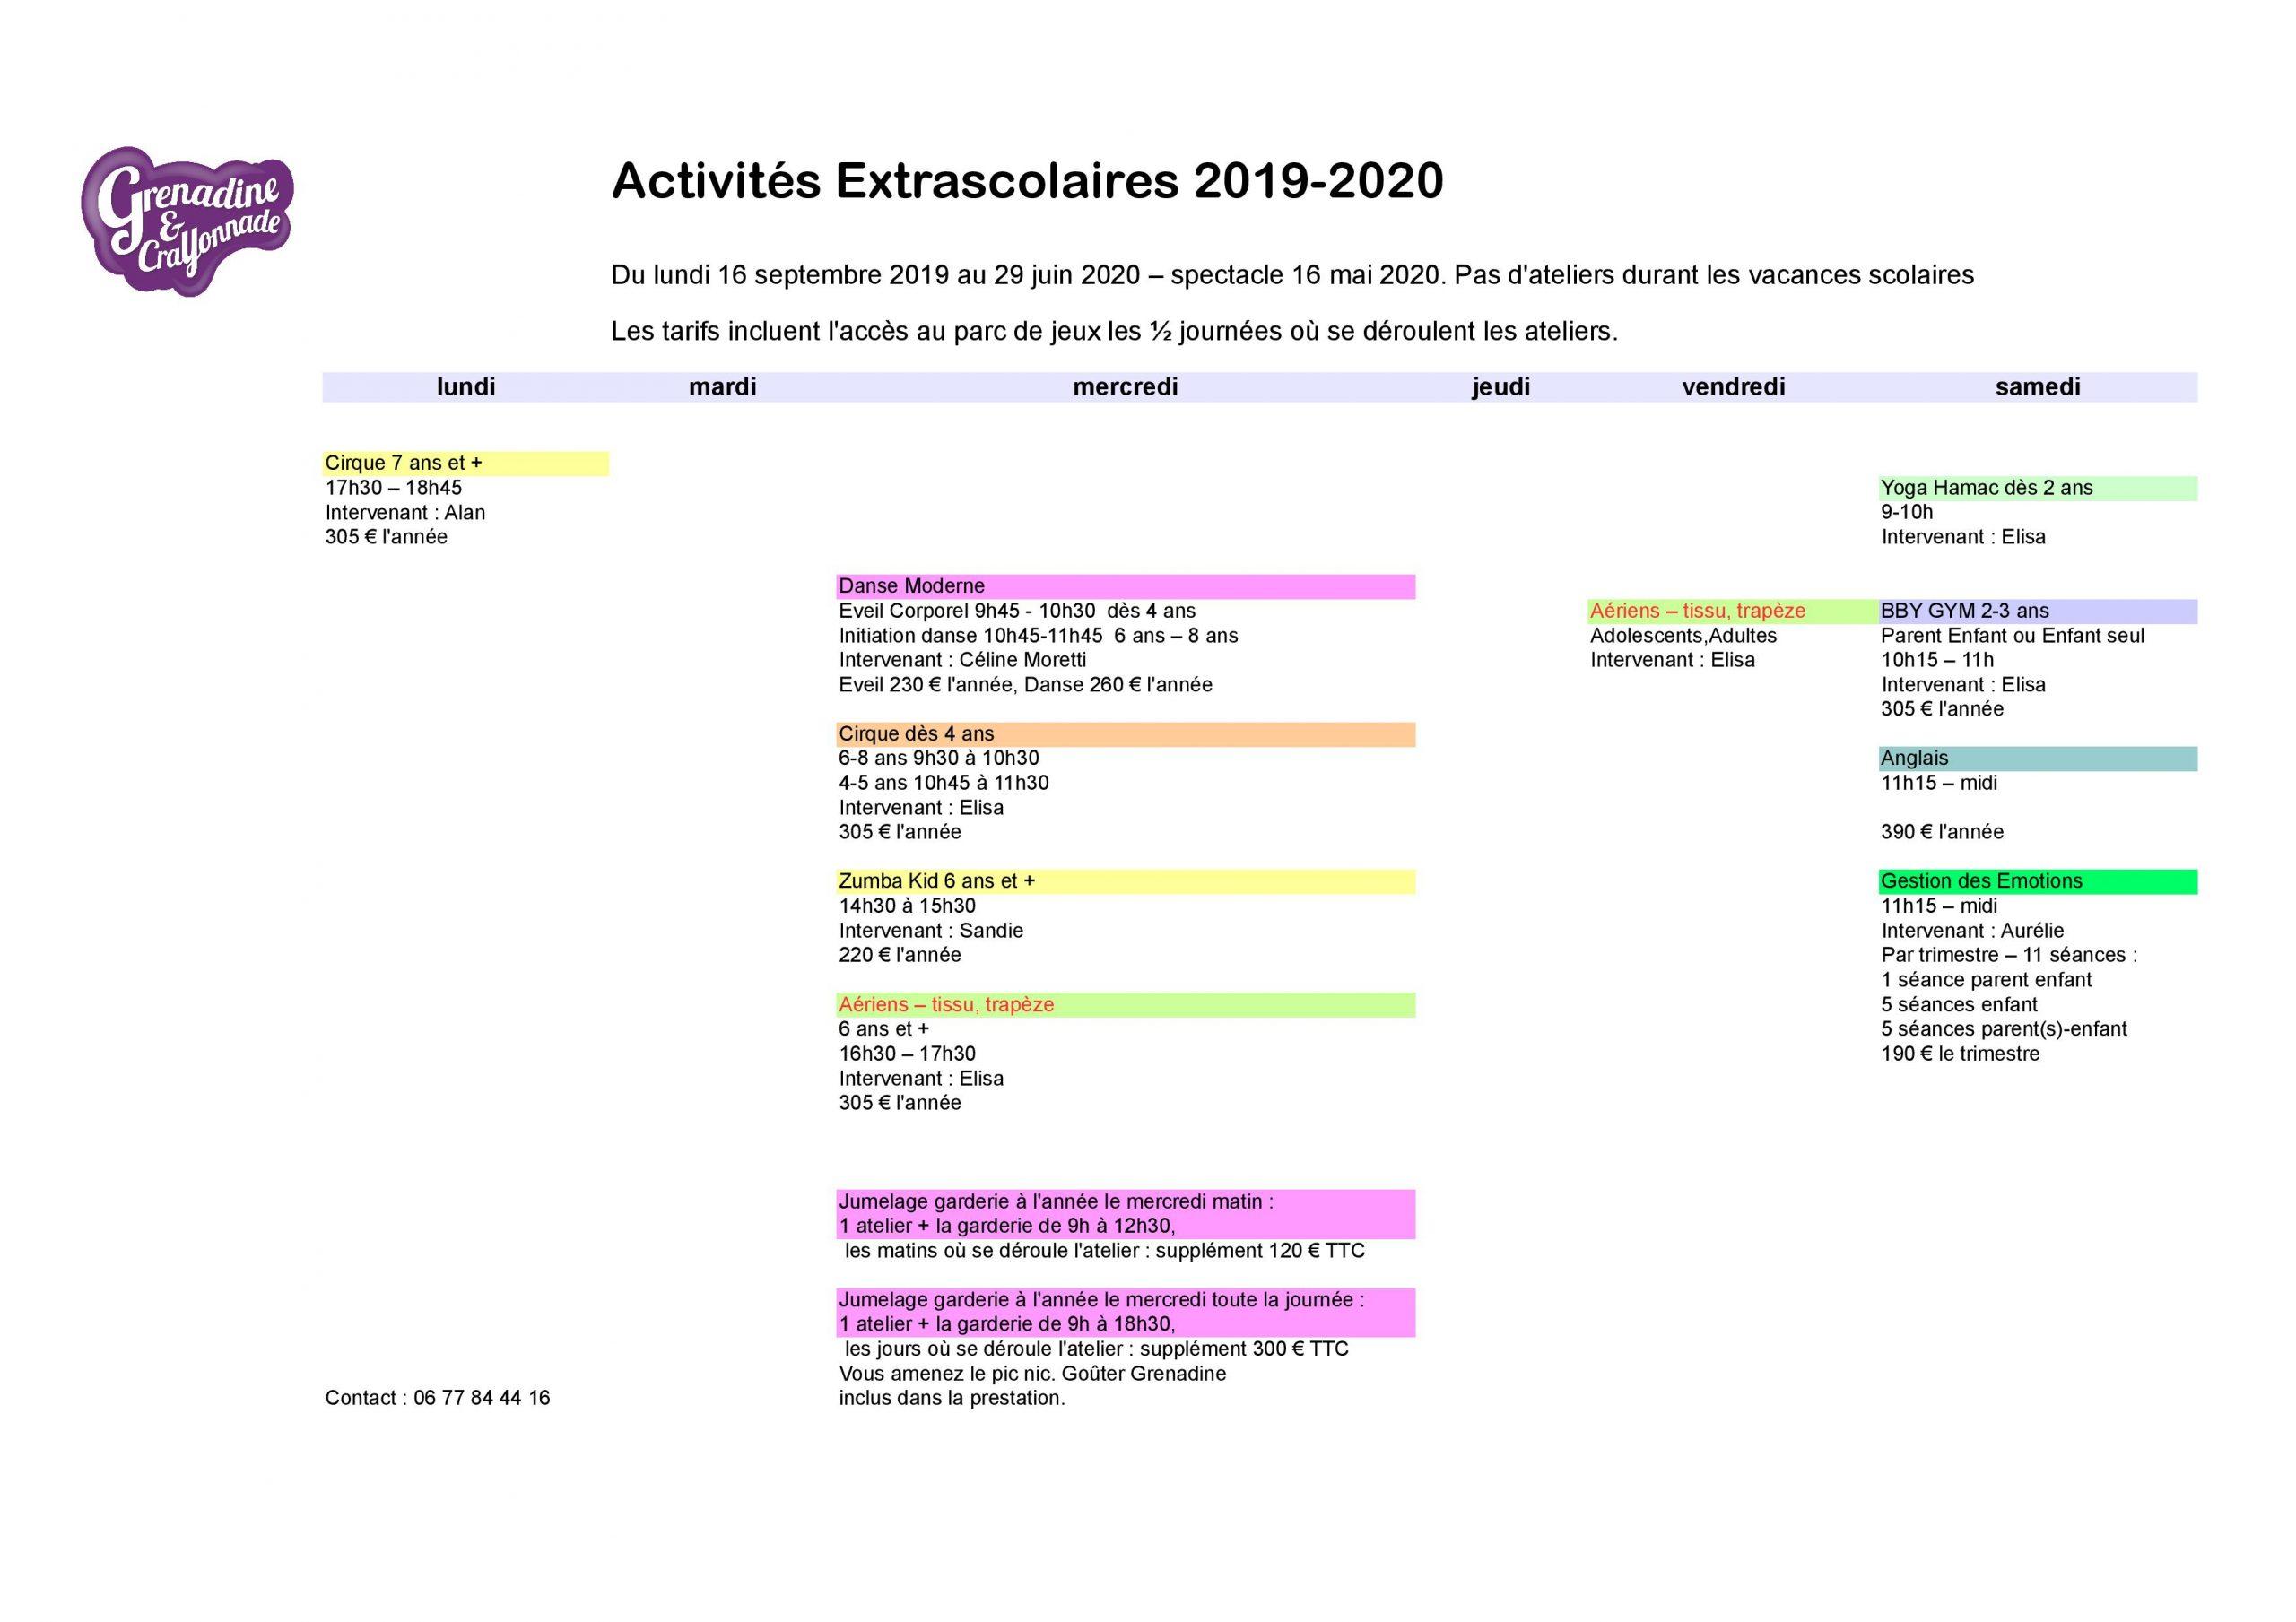 Activités Extrascolaires Enfant - Grenadine Et Crayonnade intérieur Activité 2 3 Ans